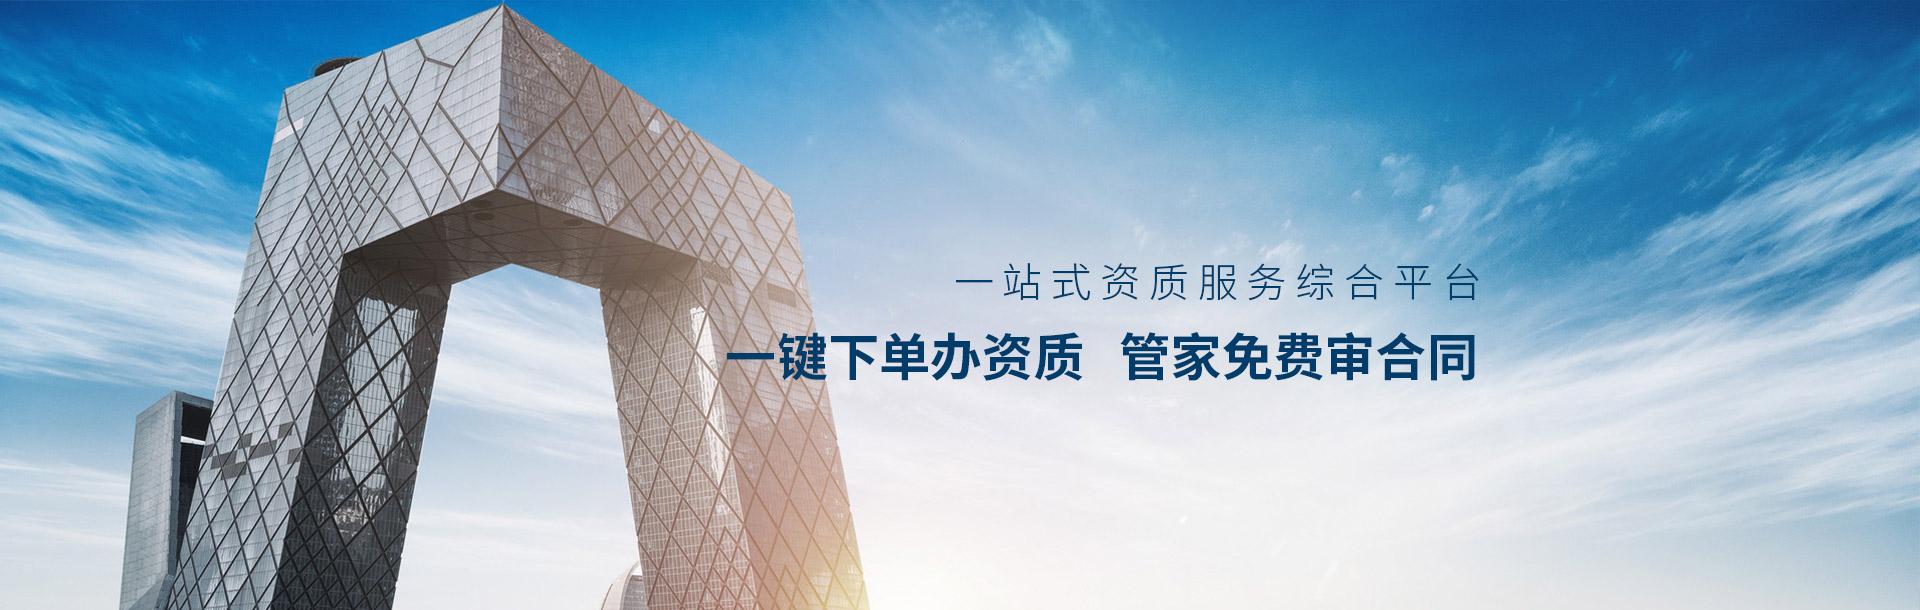 重庆建筑资质办理公司